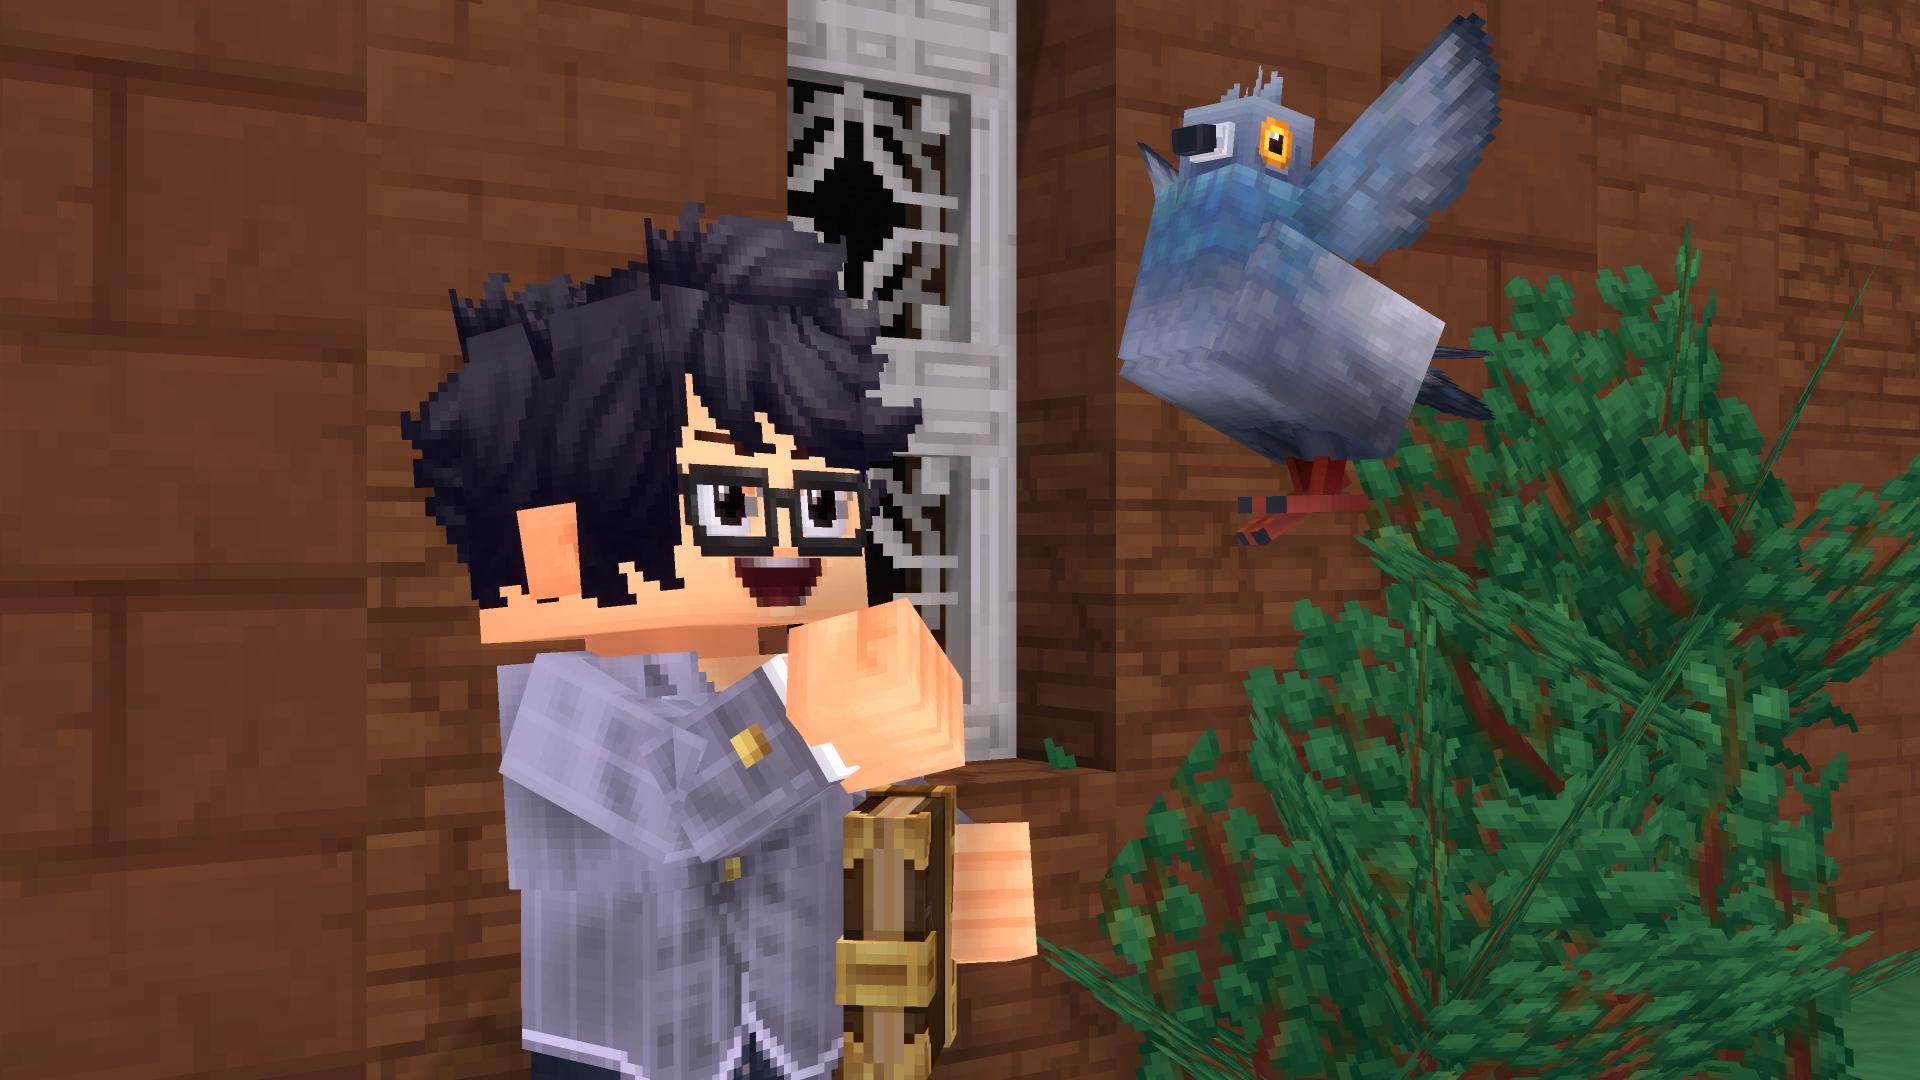 4ae93ab09d34d54659c6801d1df1dd29_is_this_a_pigeon.jpg